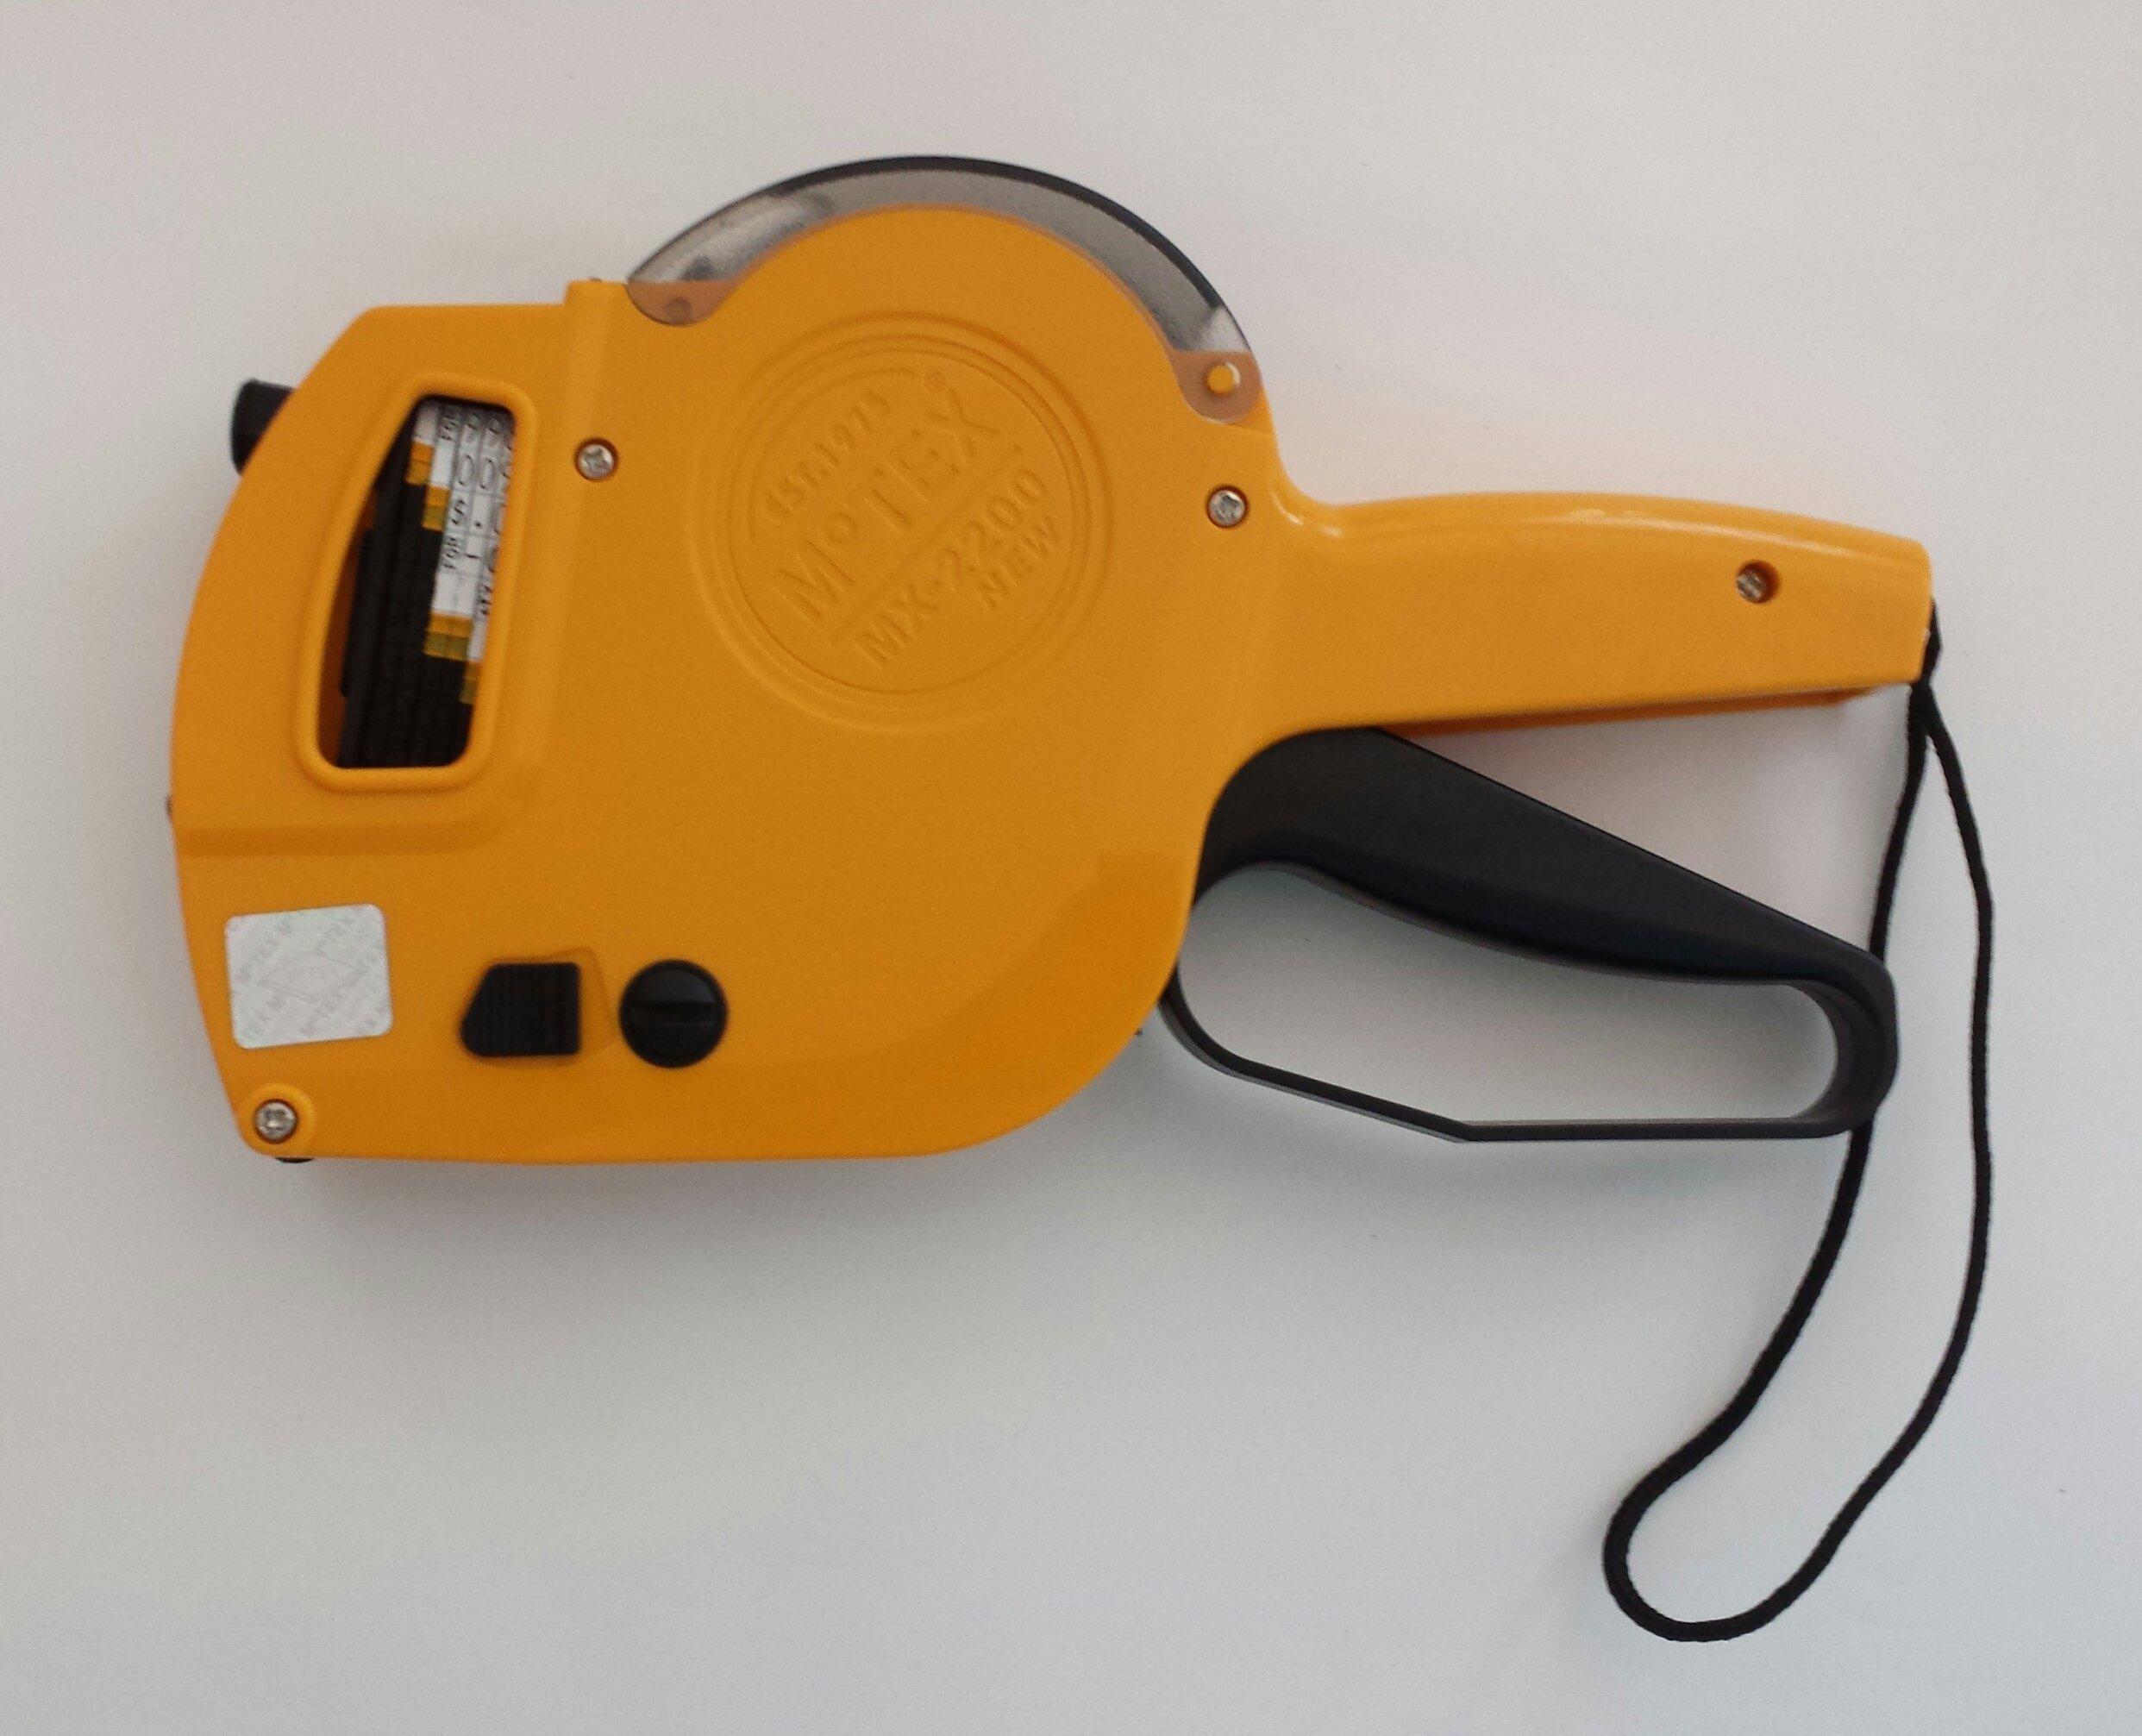 Motex MX-2200-2 New Price Labeler